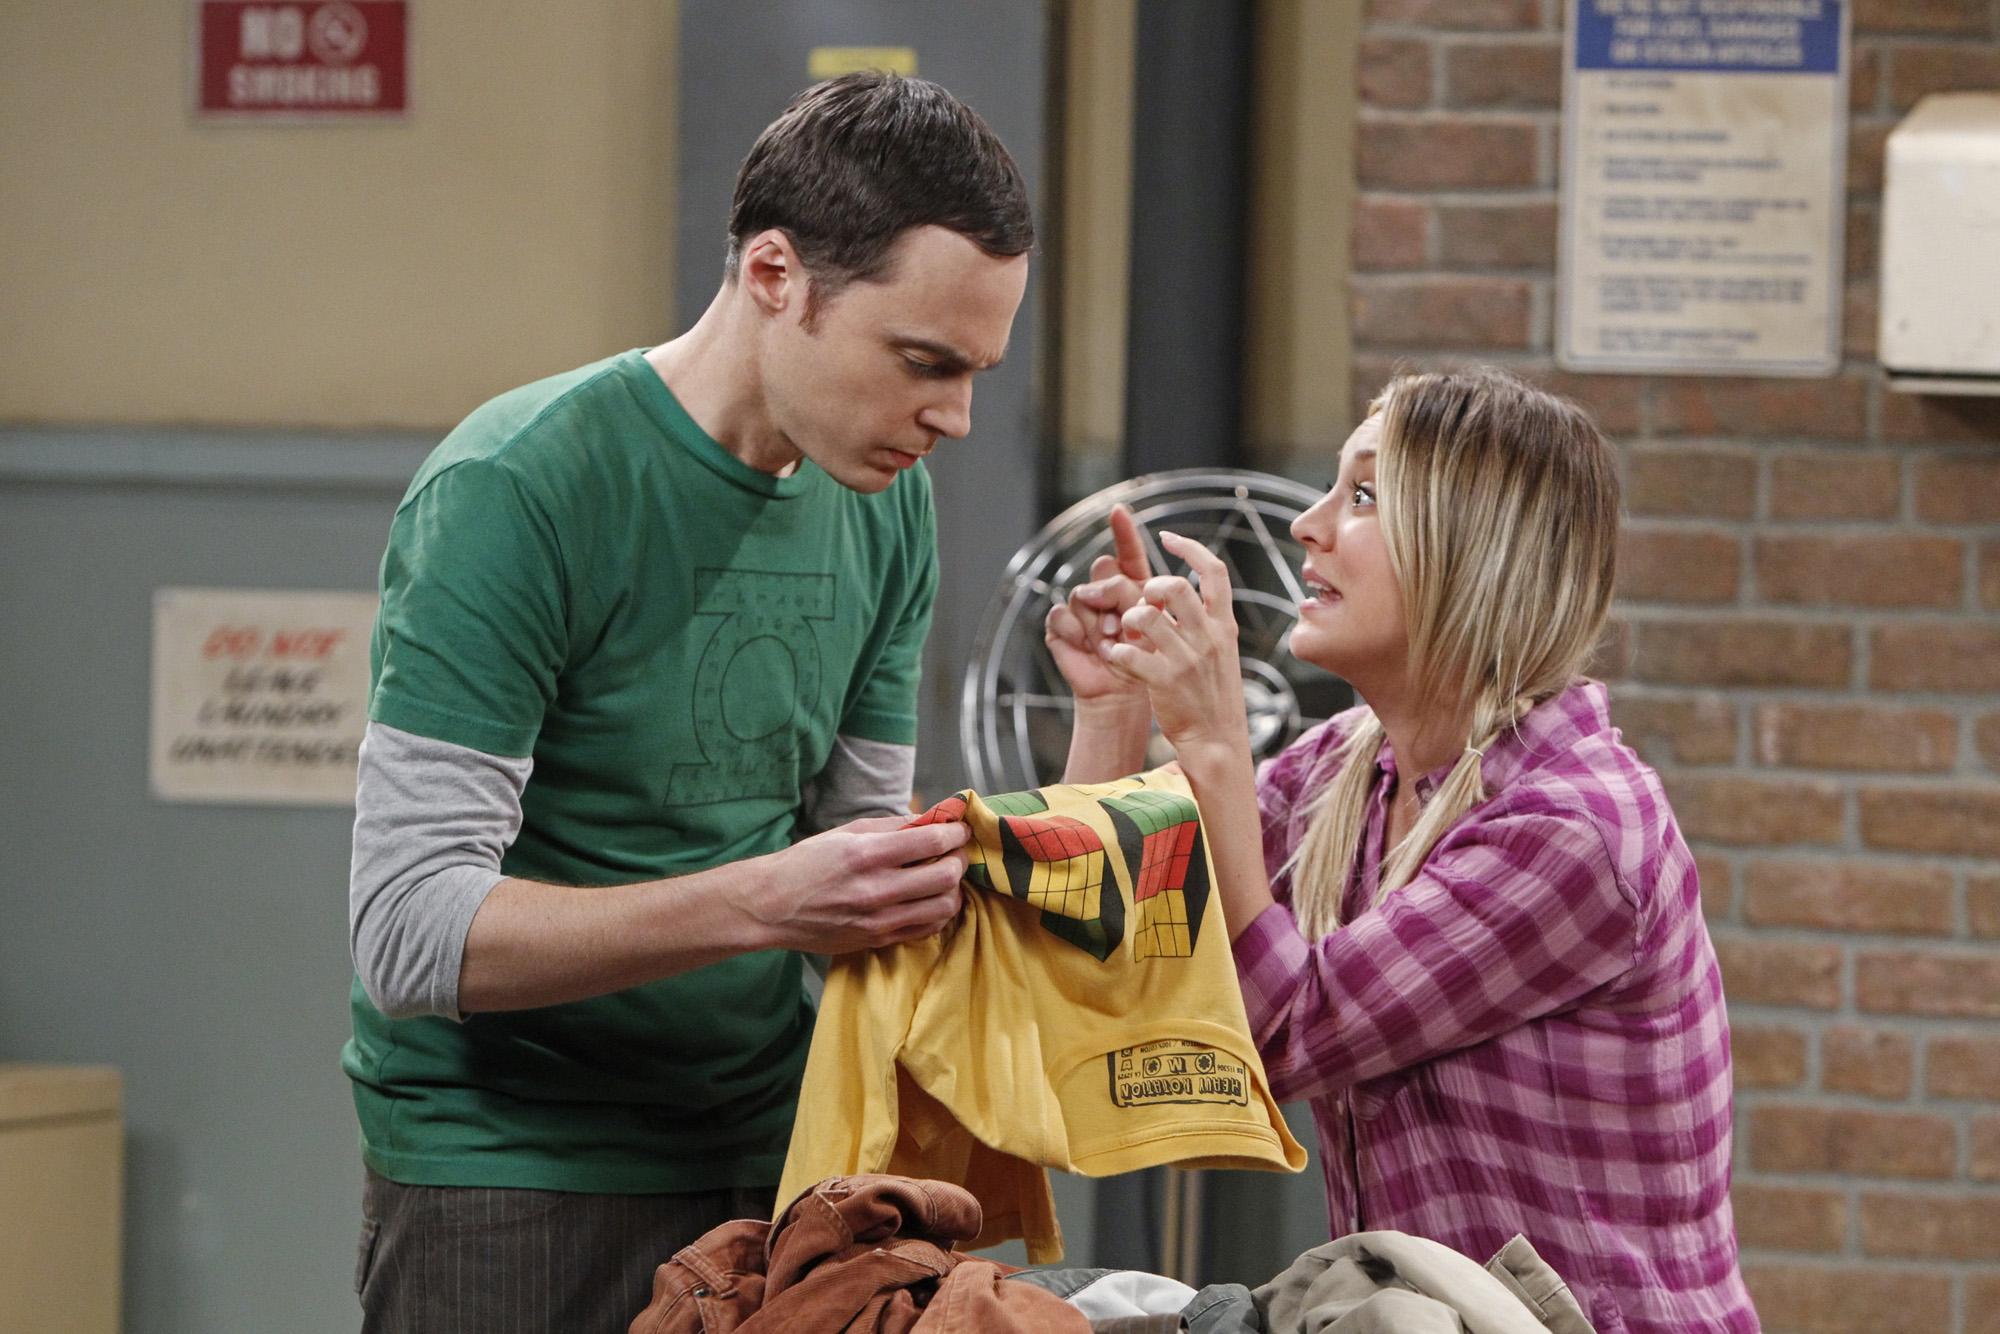 Sheldon & Penny in